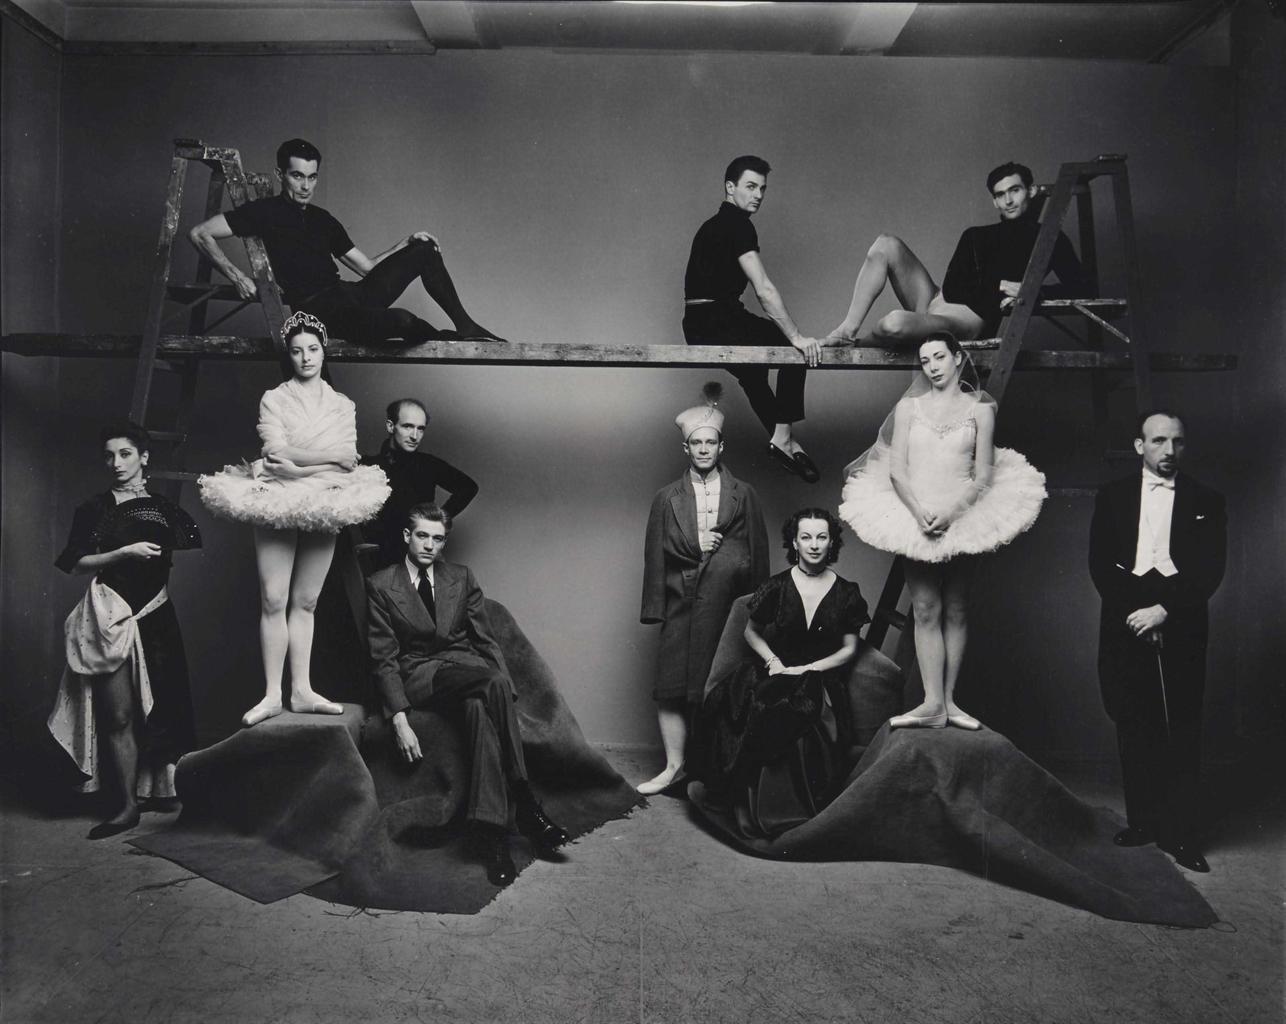 Irving Penn-Ballet Theatre, November 21-1974